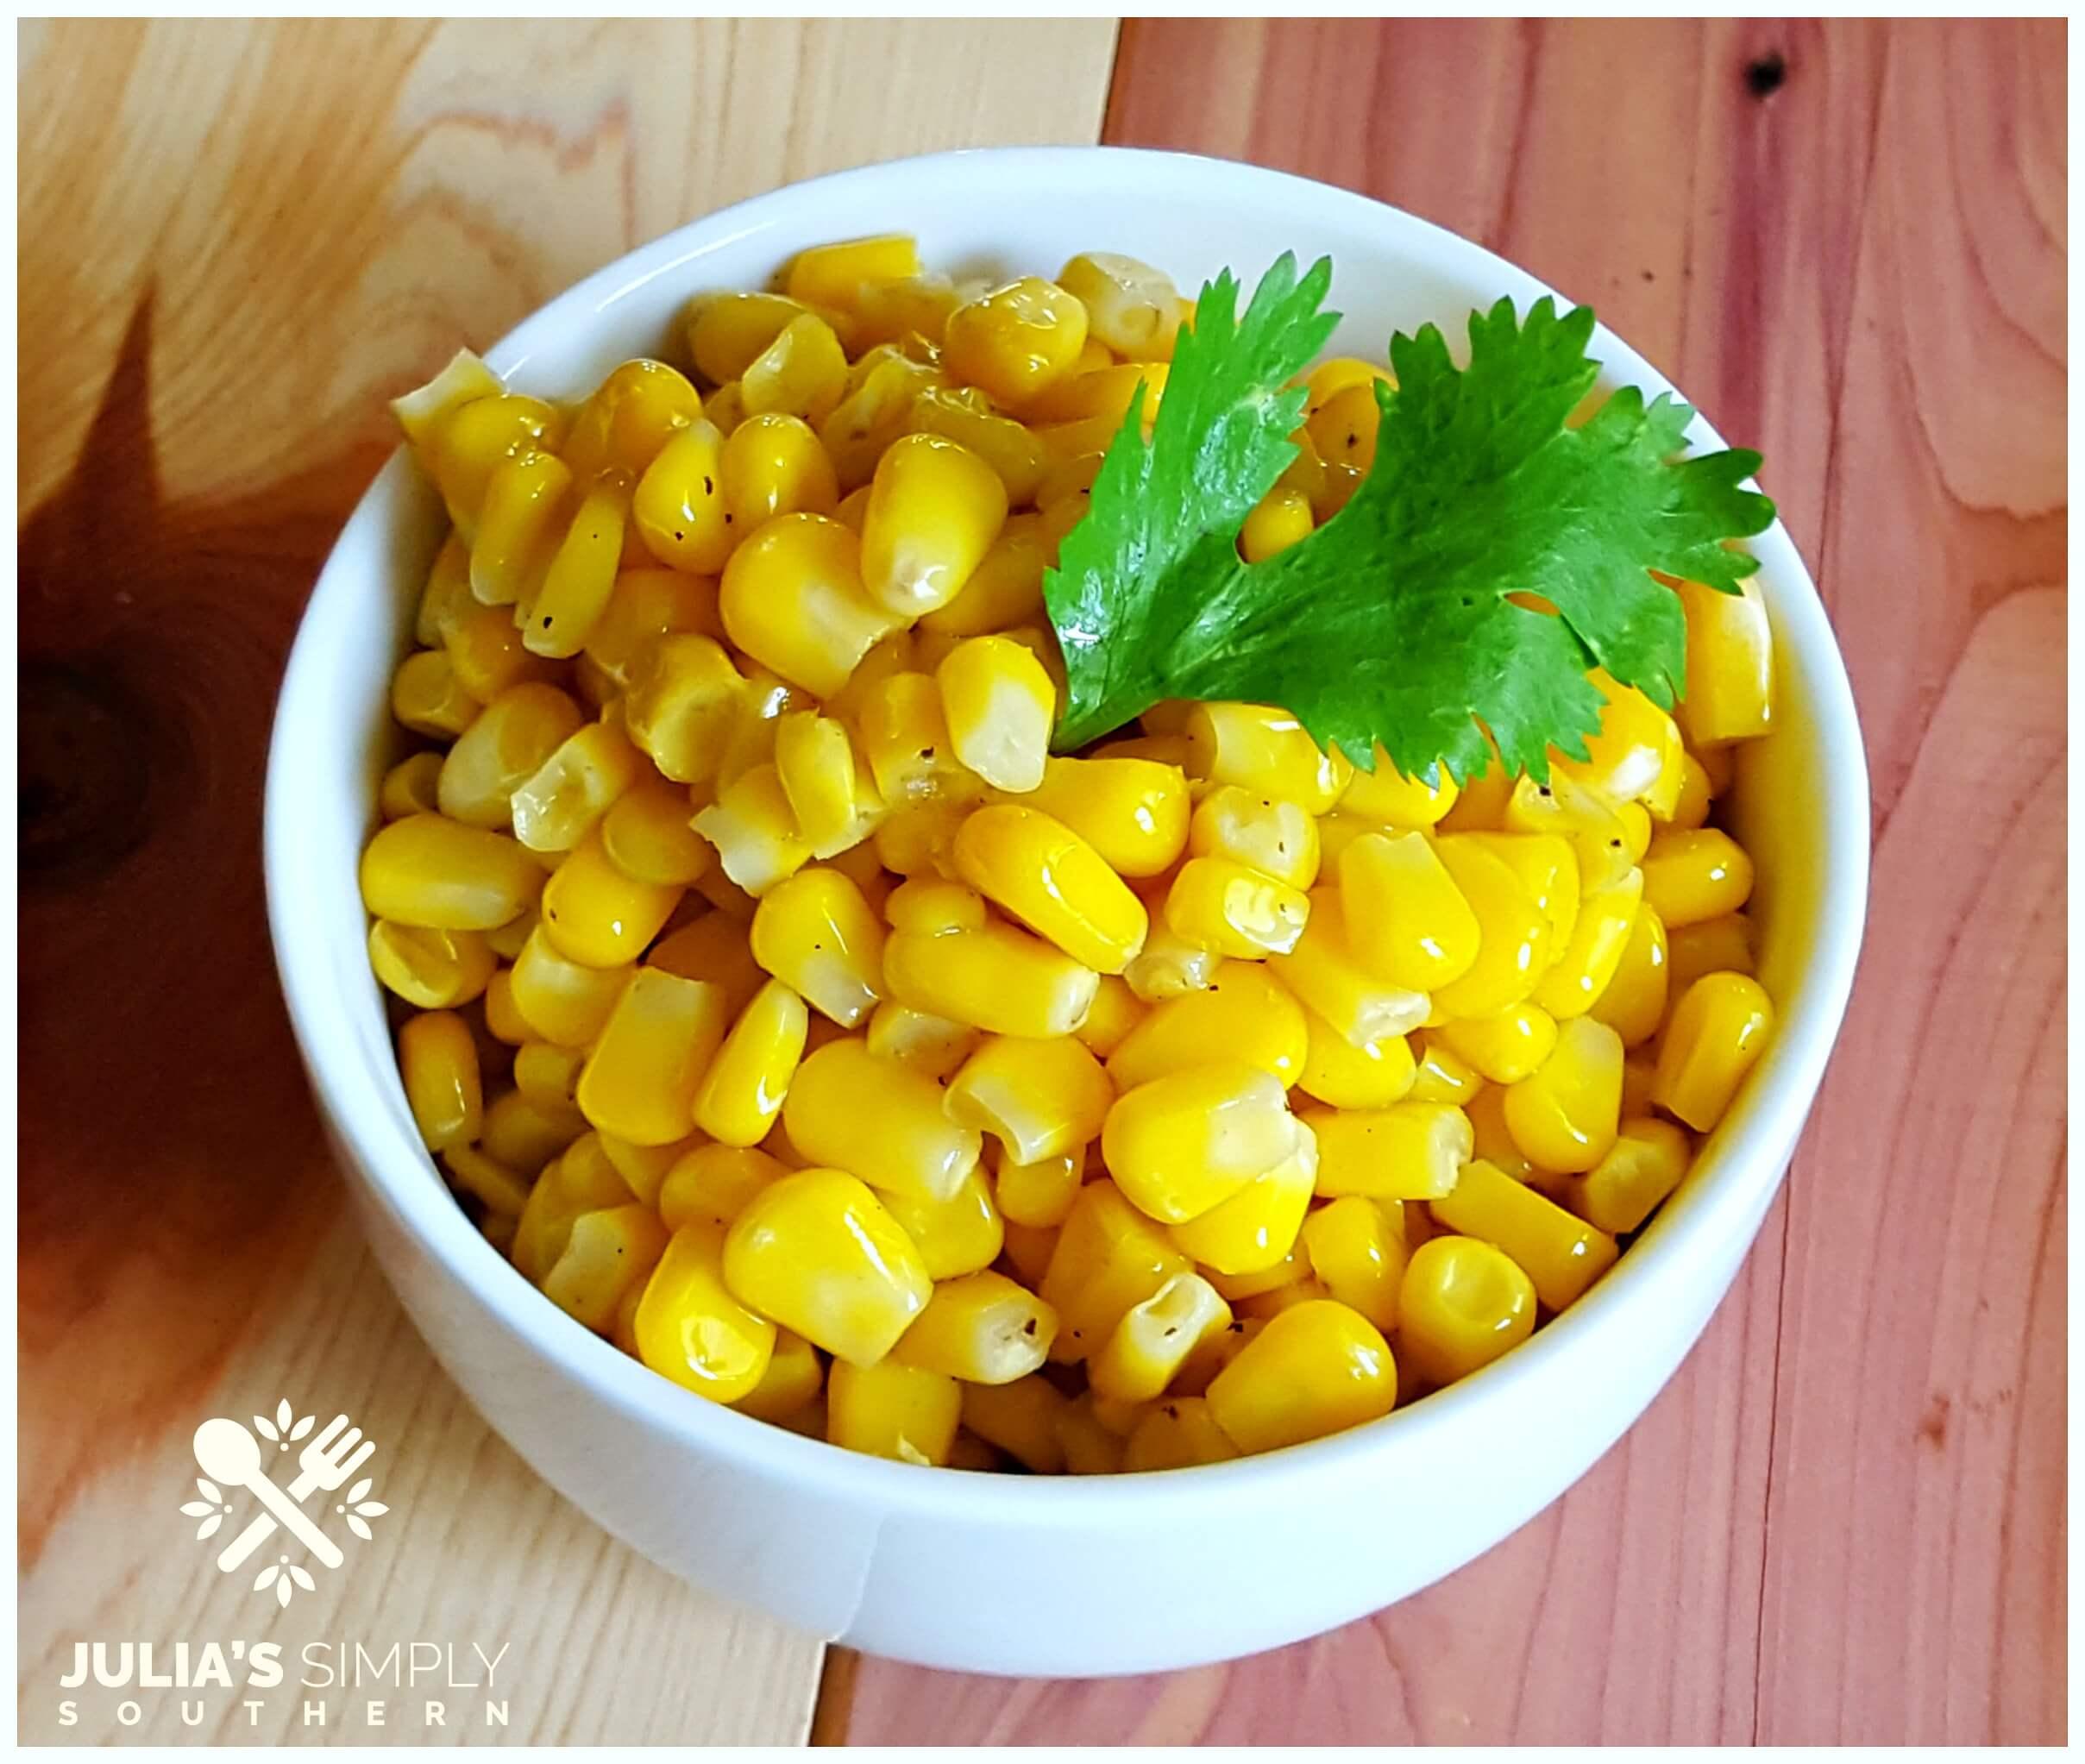 Classic fried corn recipe